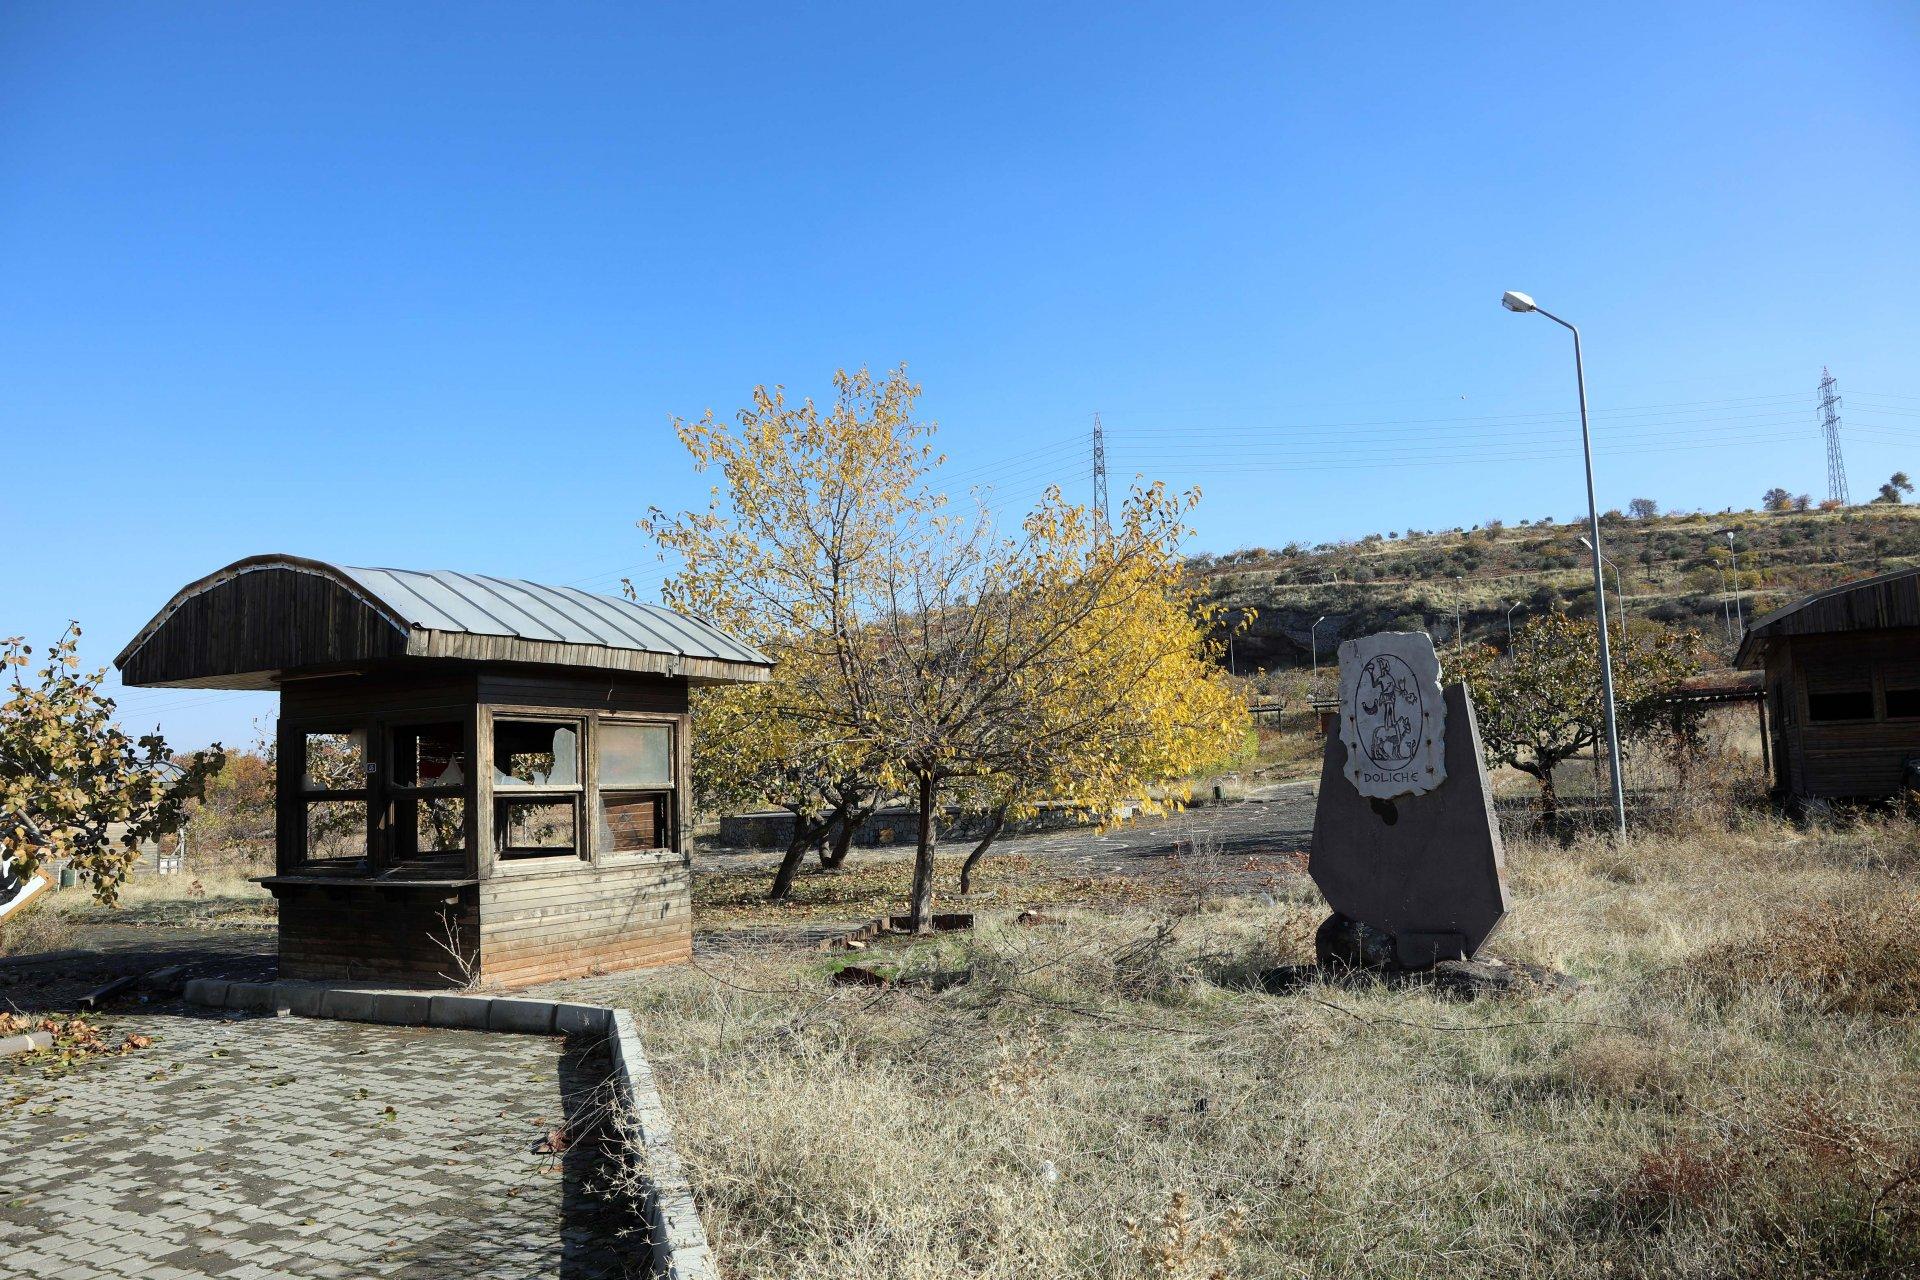 duluk-antik-kenti-002-001.jpg